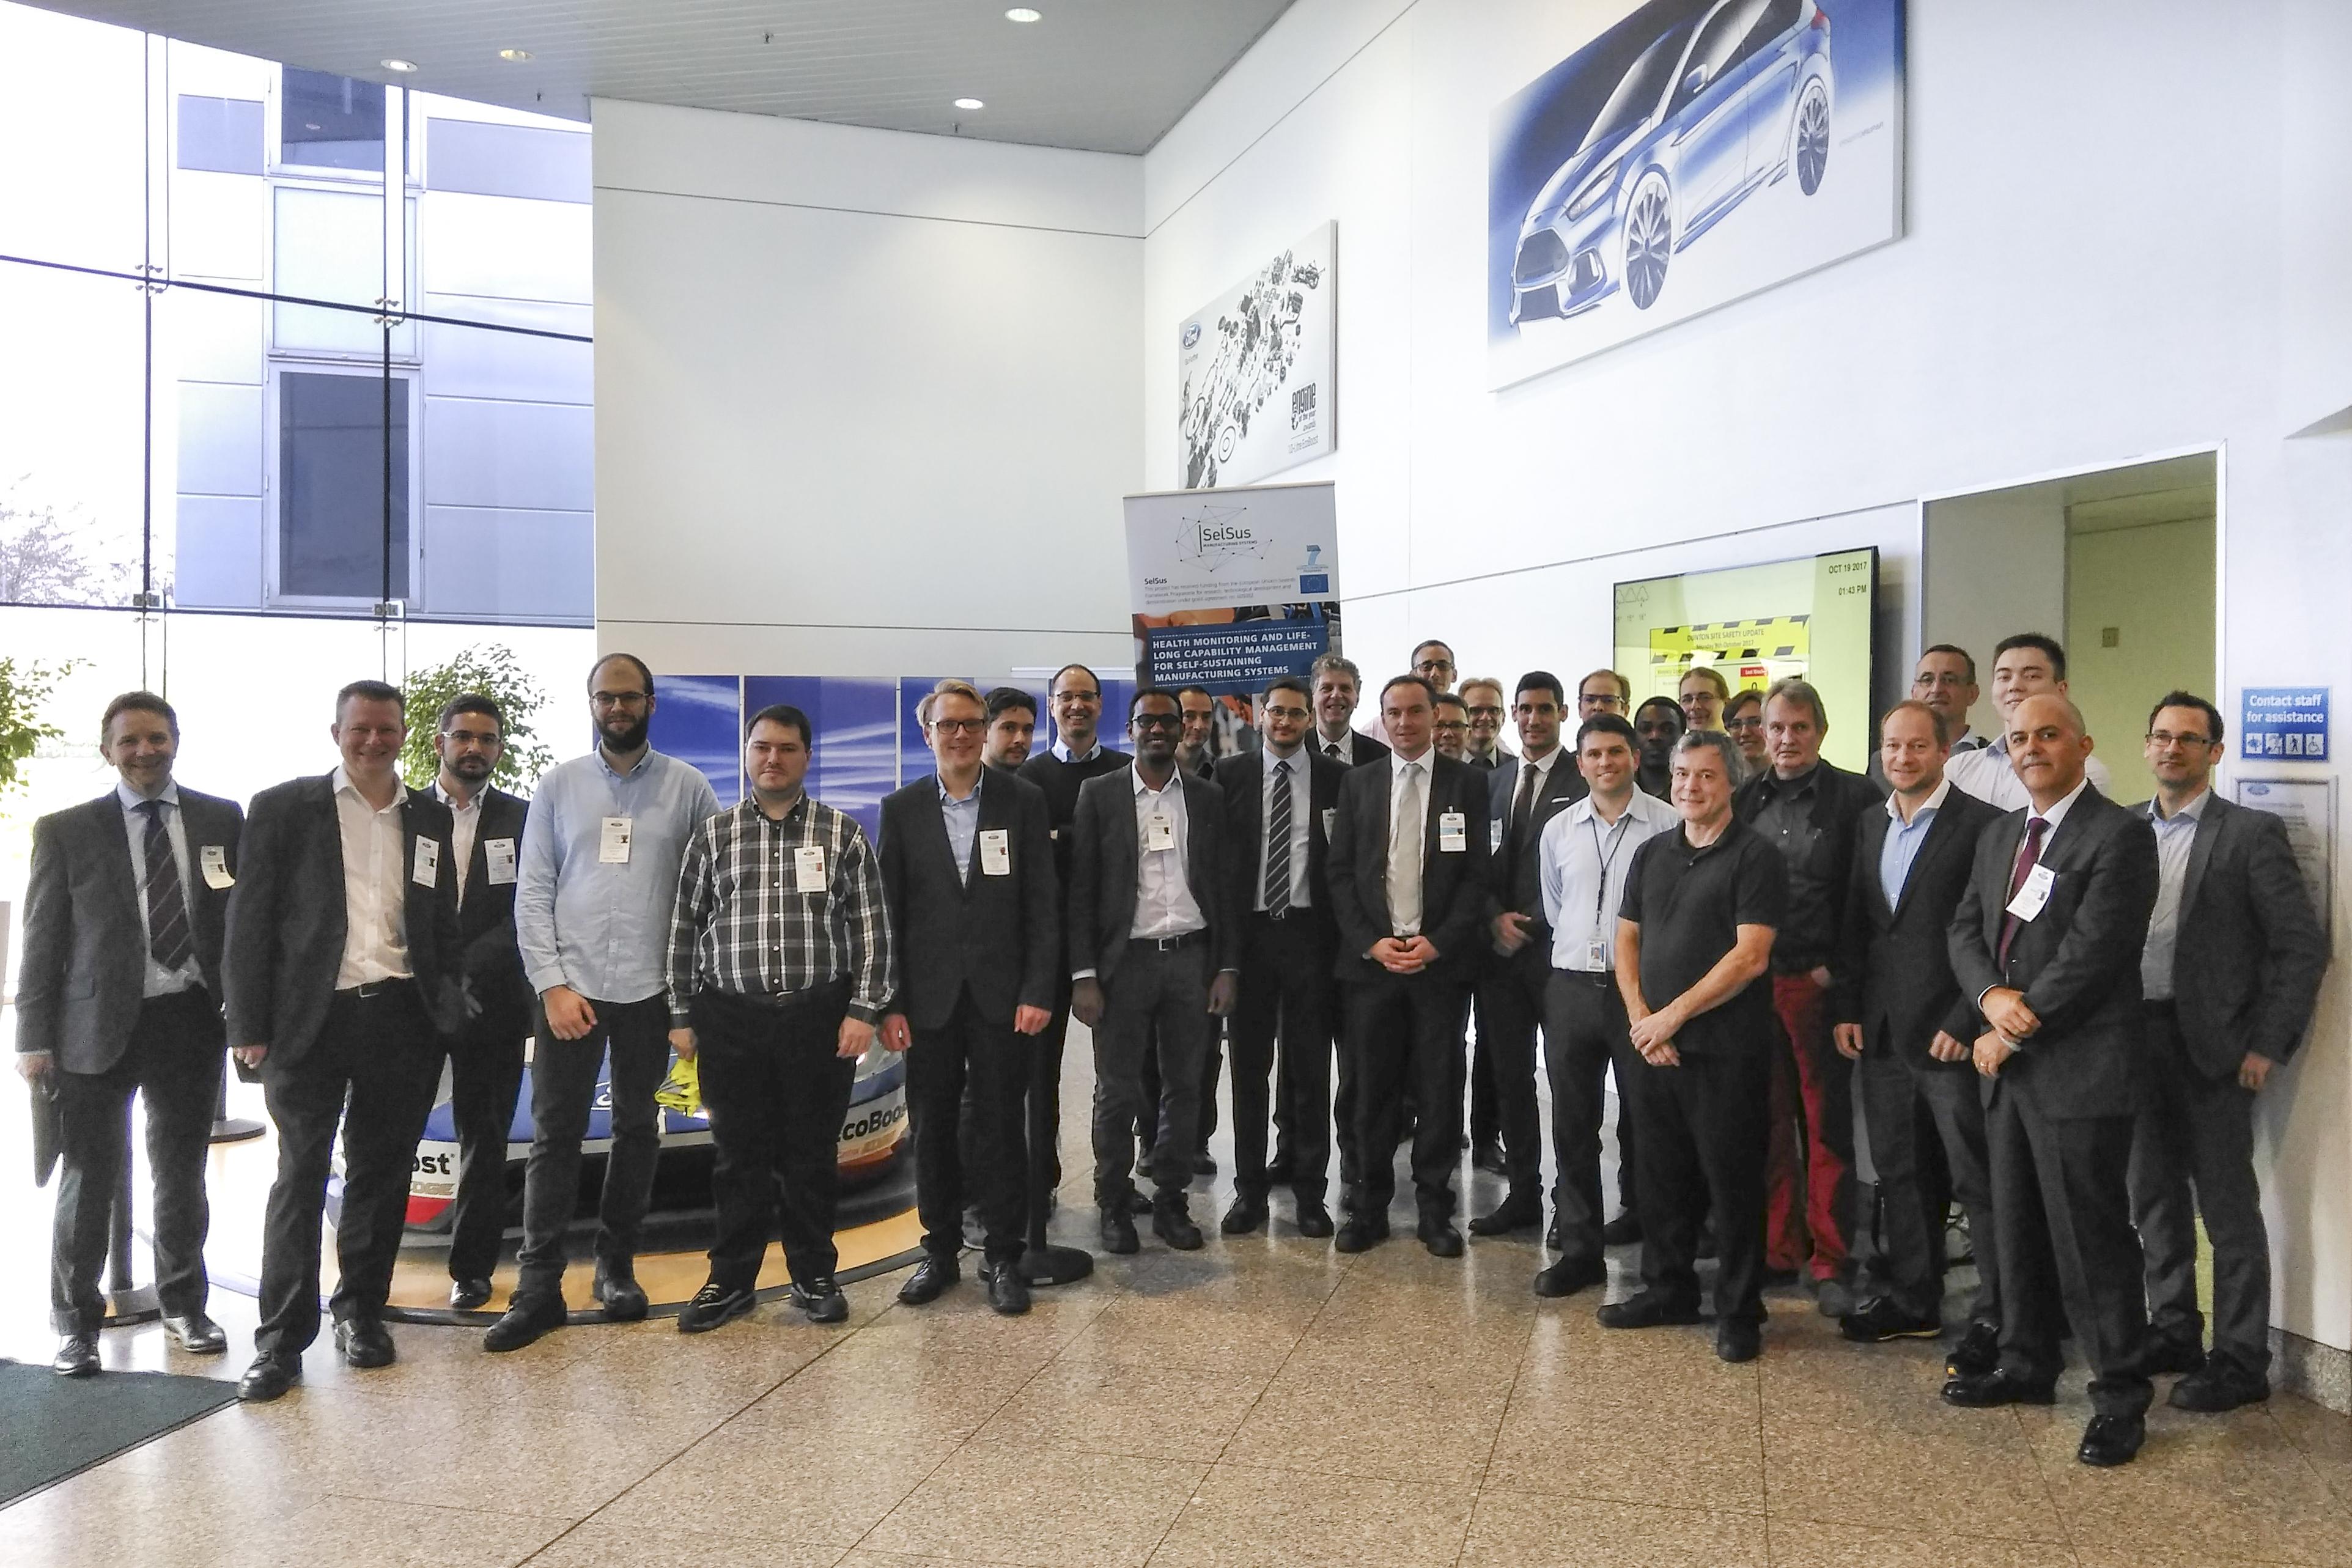 20171019 - SelSus Team - Final Meeting